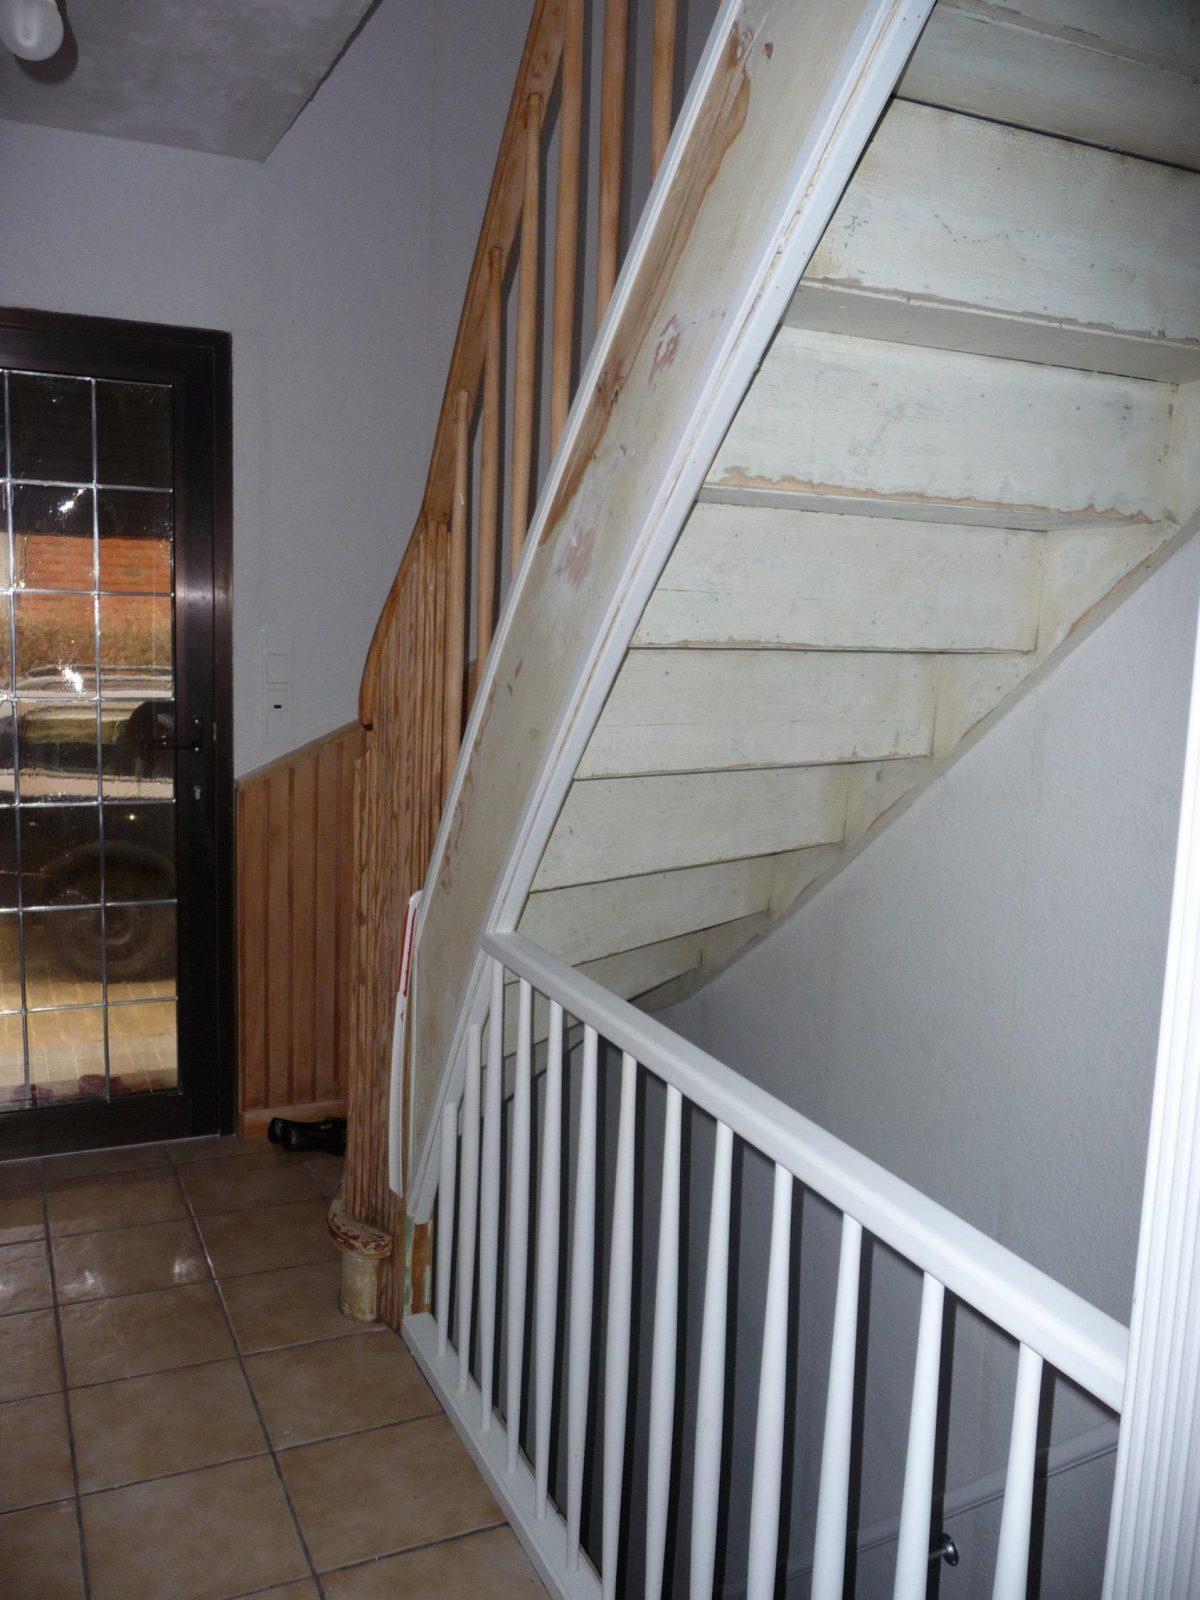 Alte Holztreppe Farbig Streichen  Hausgarten von Holztreppe Streichen Welcher Lack Bild